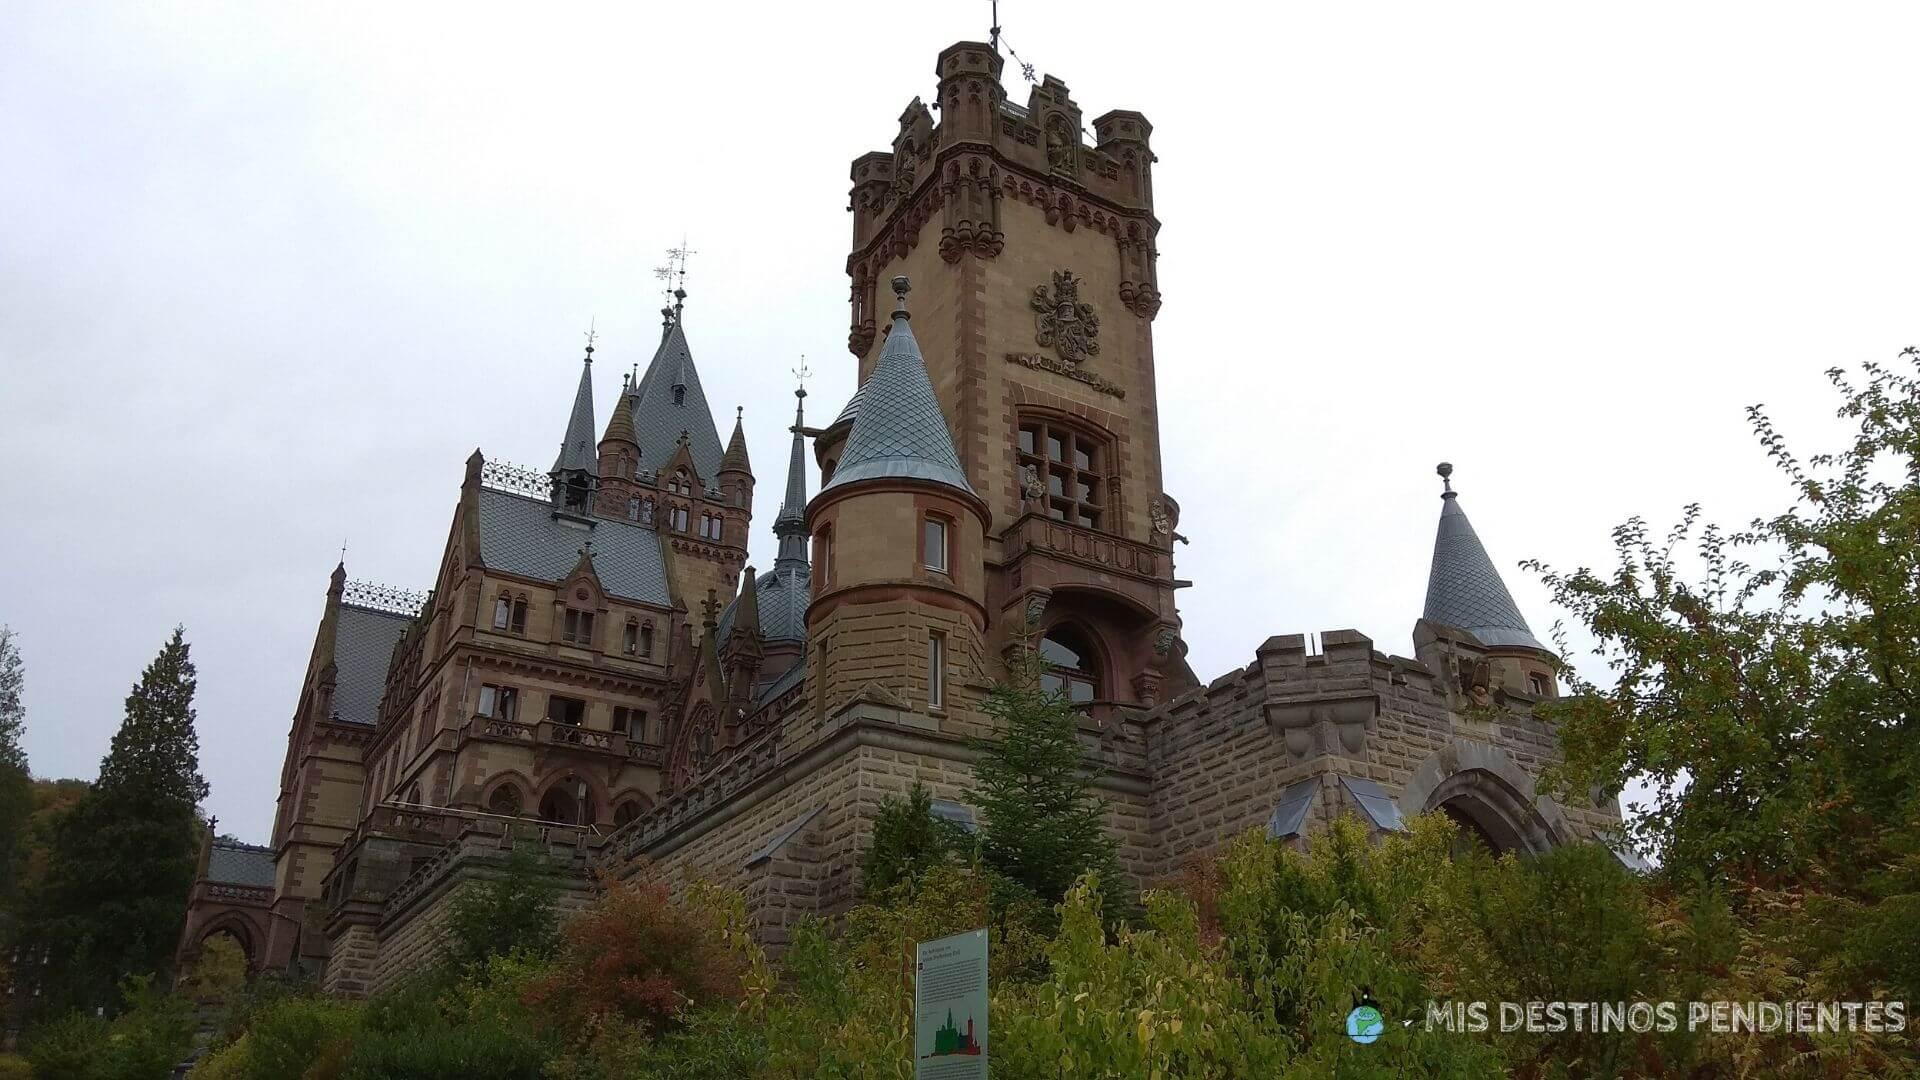 Königswinter y su Castillo Drachenburg